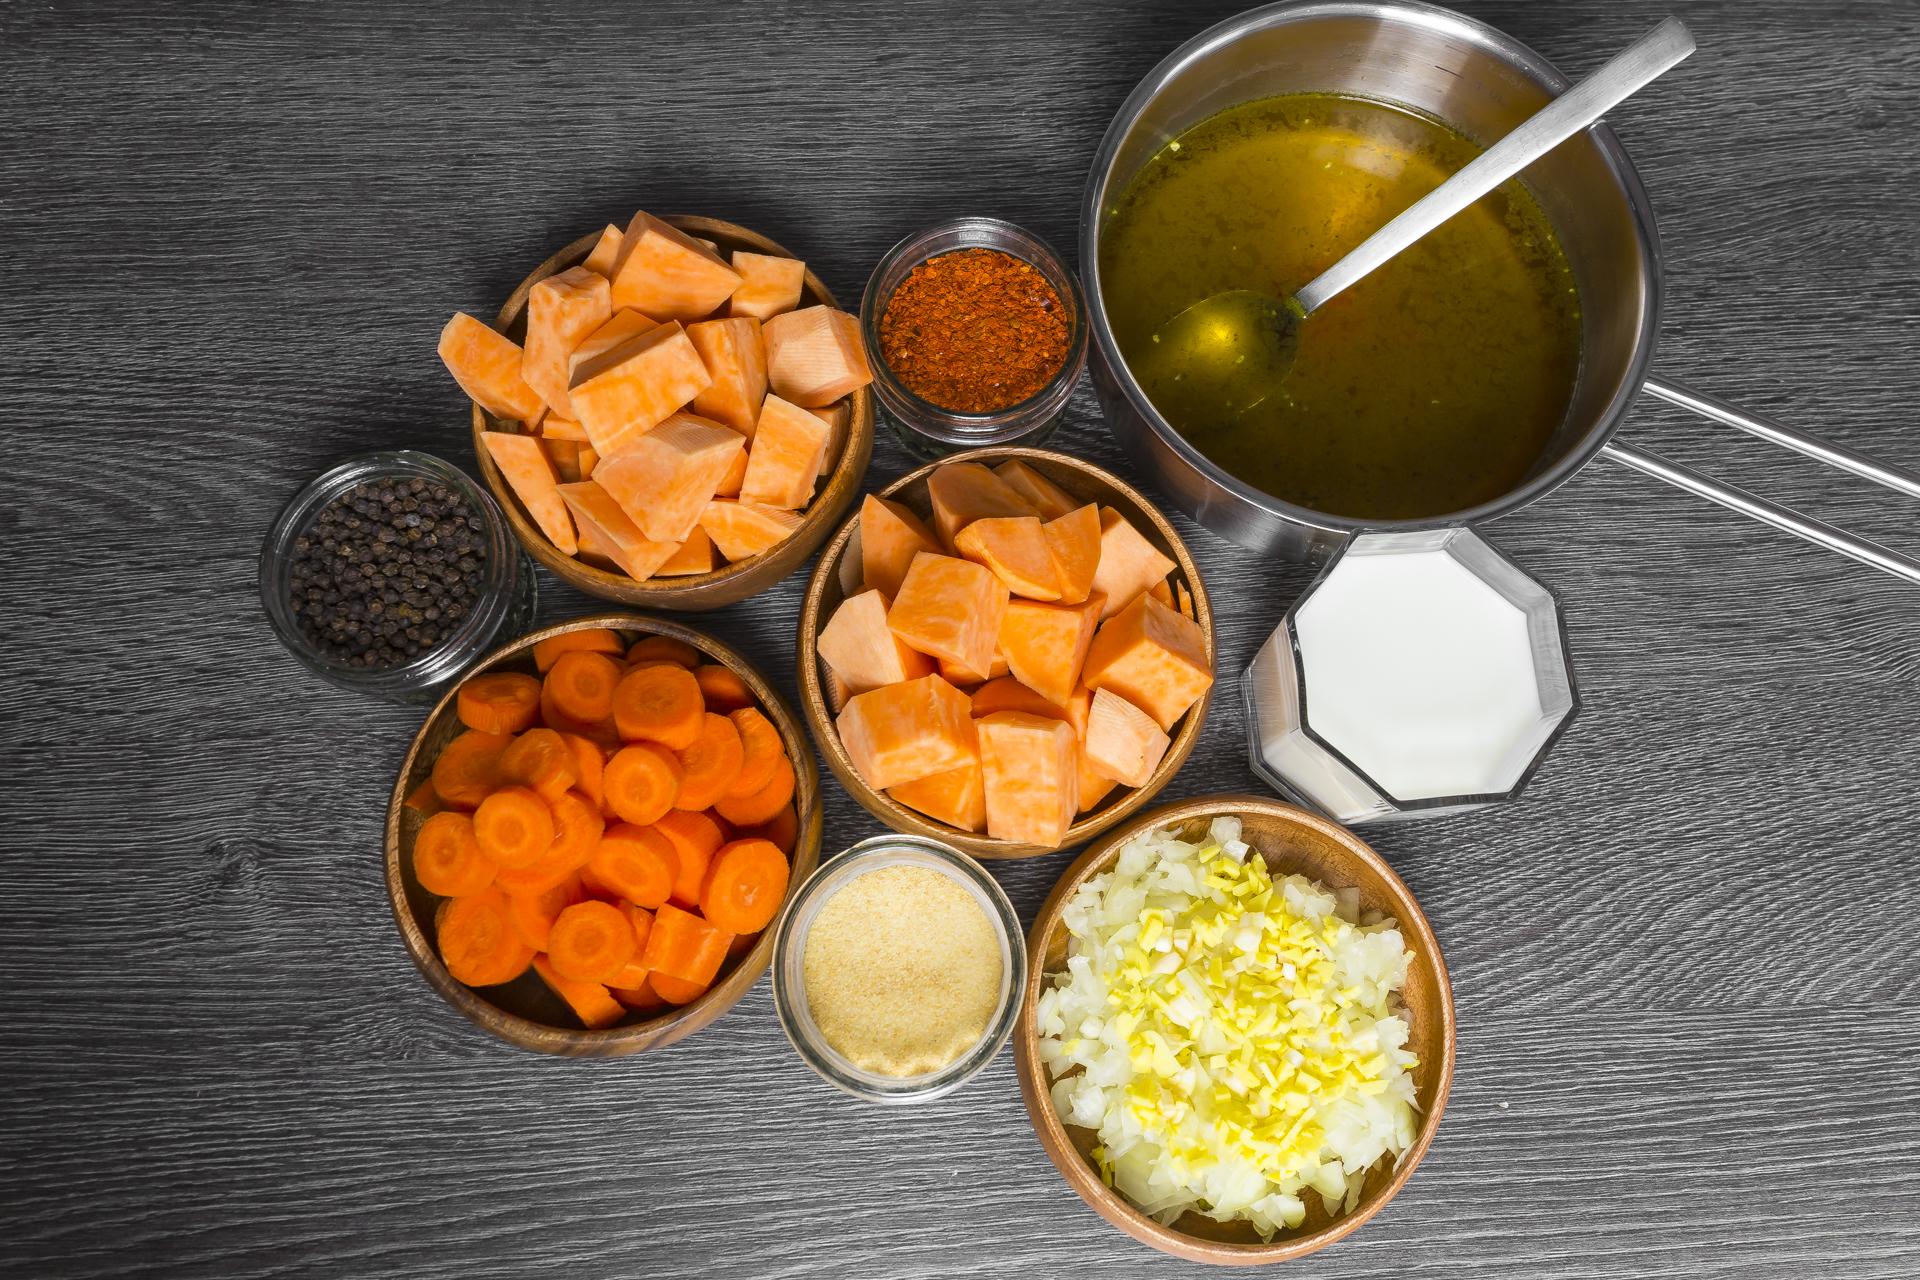 zutaten für die süßkartoffelsuppe